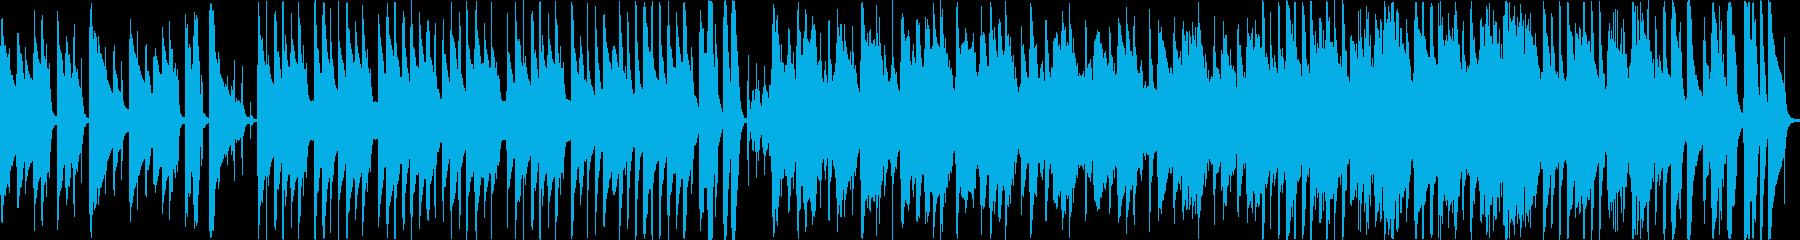 【ループ】可愛いほのぼの系ボサノバの再生済みの波形